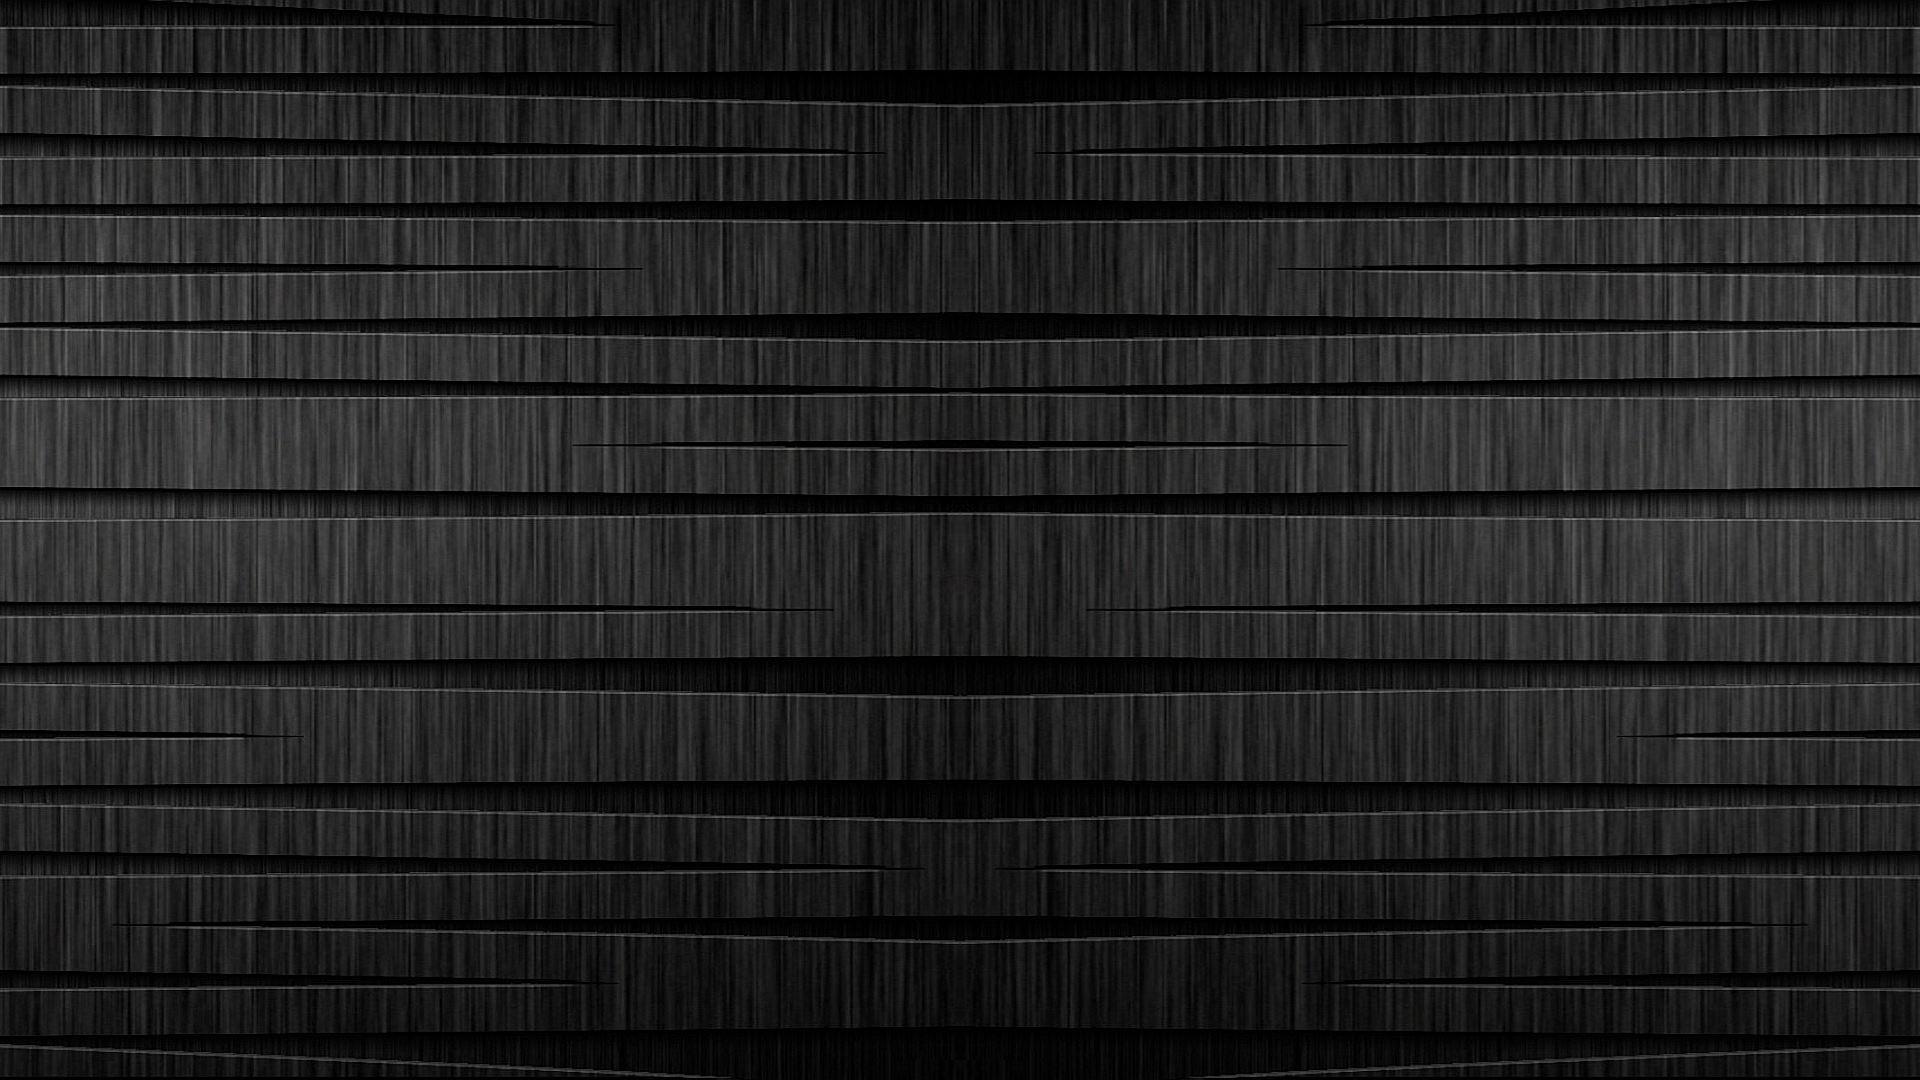 часть черный фон картинка горизонтальная панелей под камень